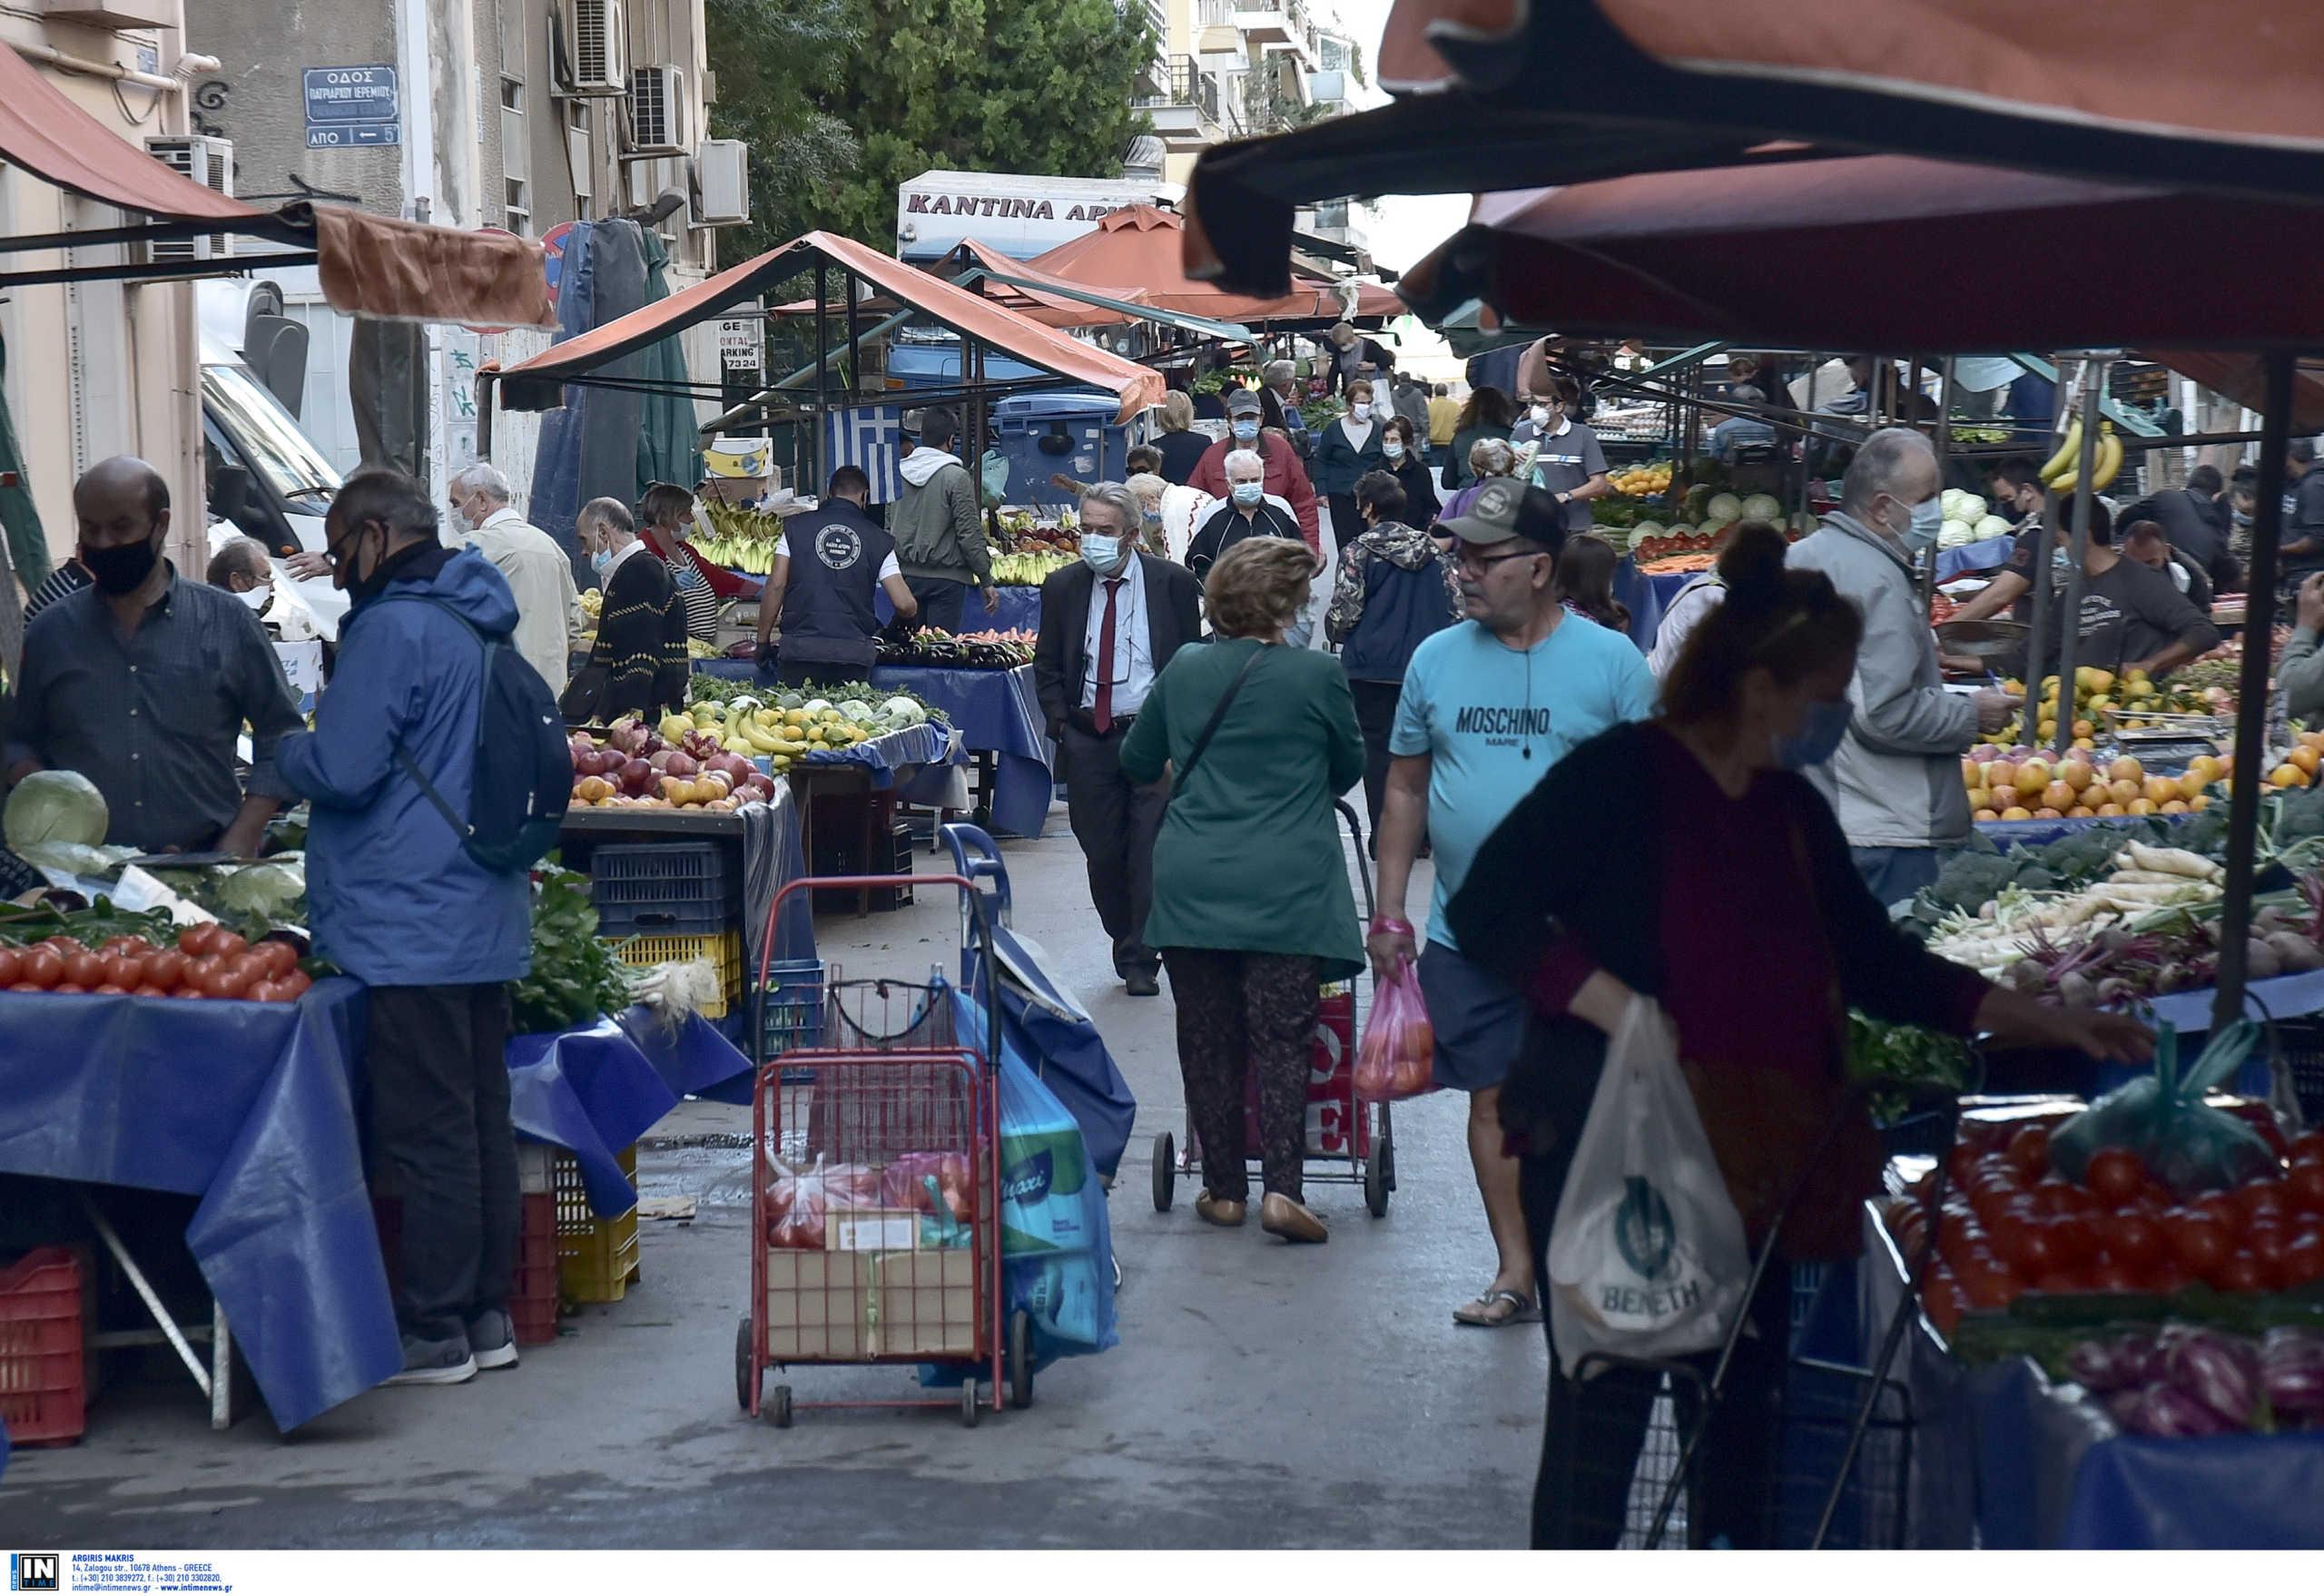 Λαϊκές αγορές: Αντιδράσεις για την αναστολή λειτουργίας τα Σαββατοκύριακα